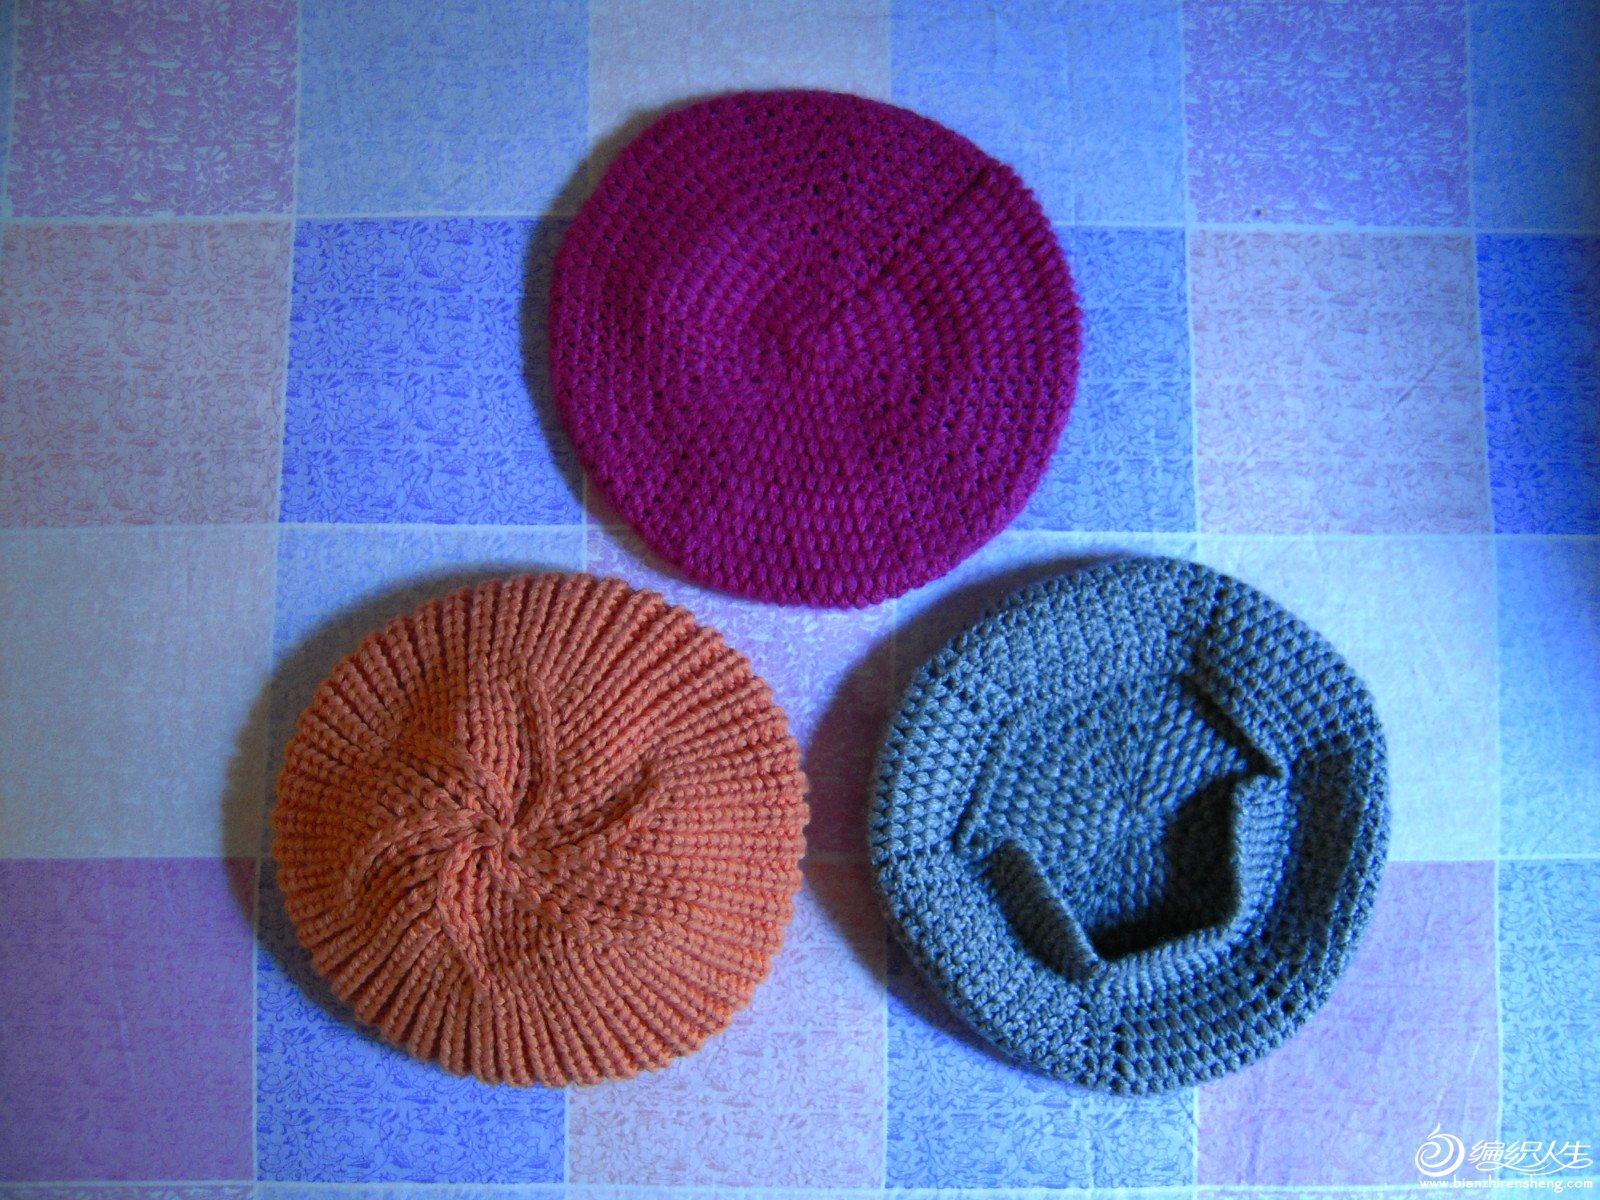 棒针的橘色帽子用的棒针5号 起头90针底边织完加10针上面织13厘米分成6片隔一行一减针,减到剩6针时收口即可 ...